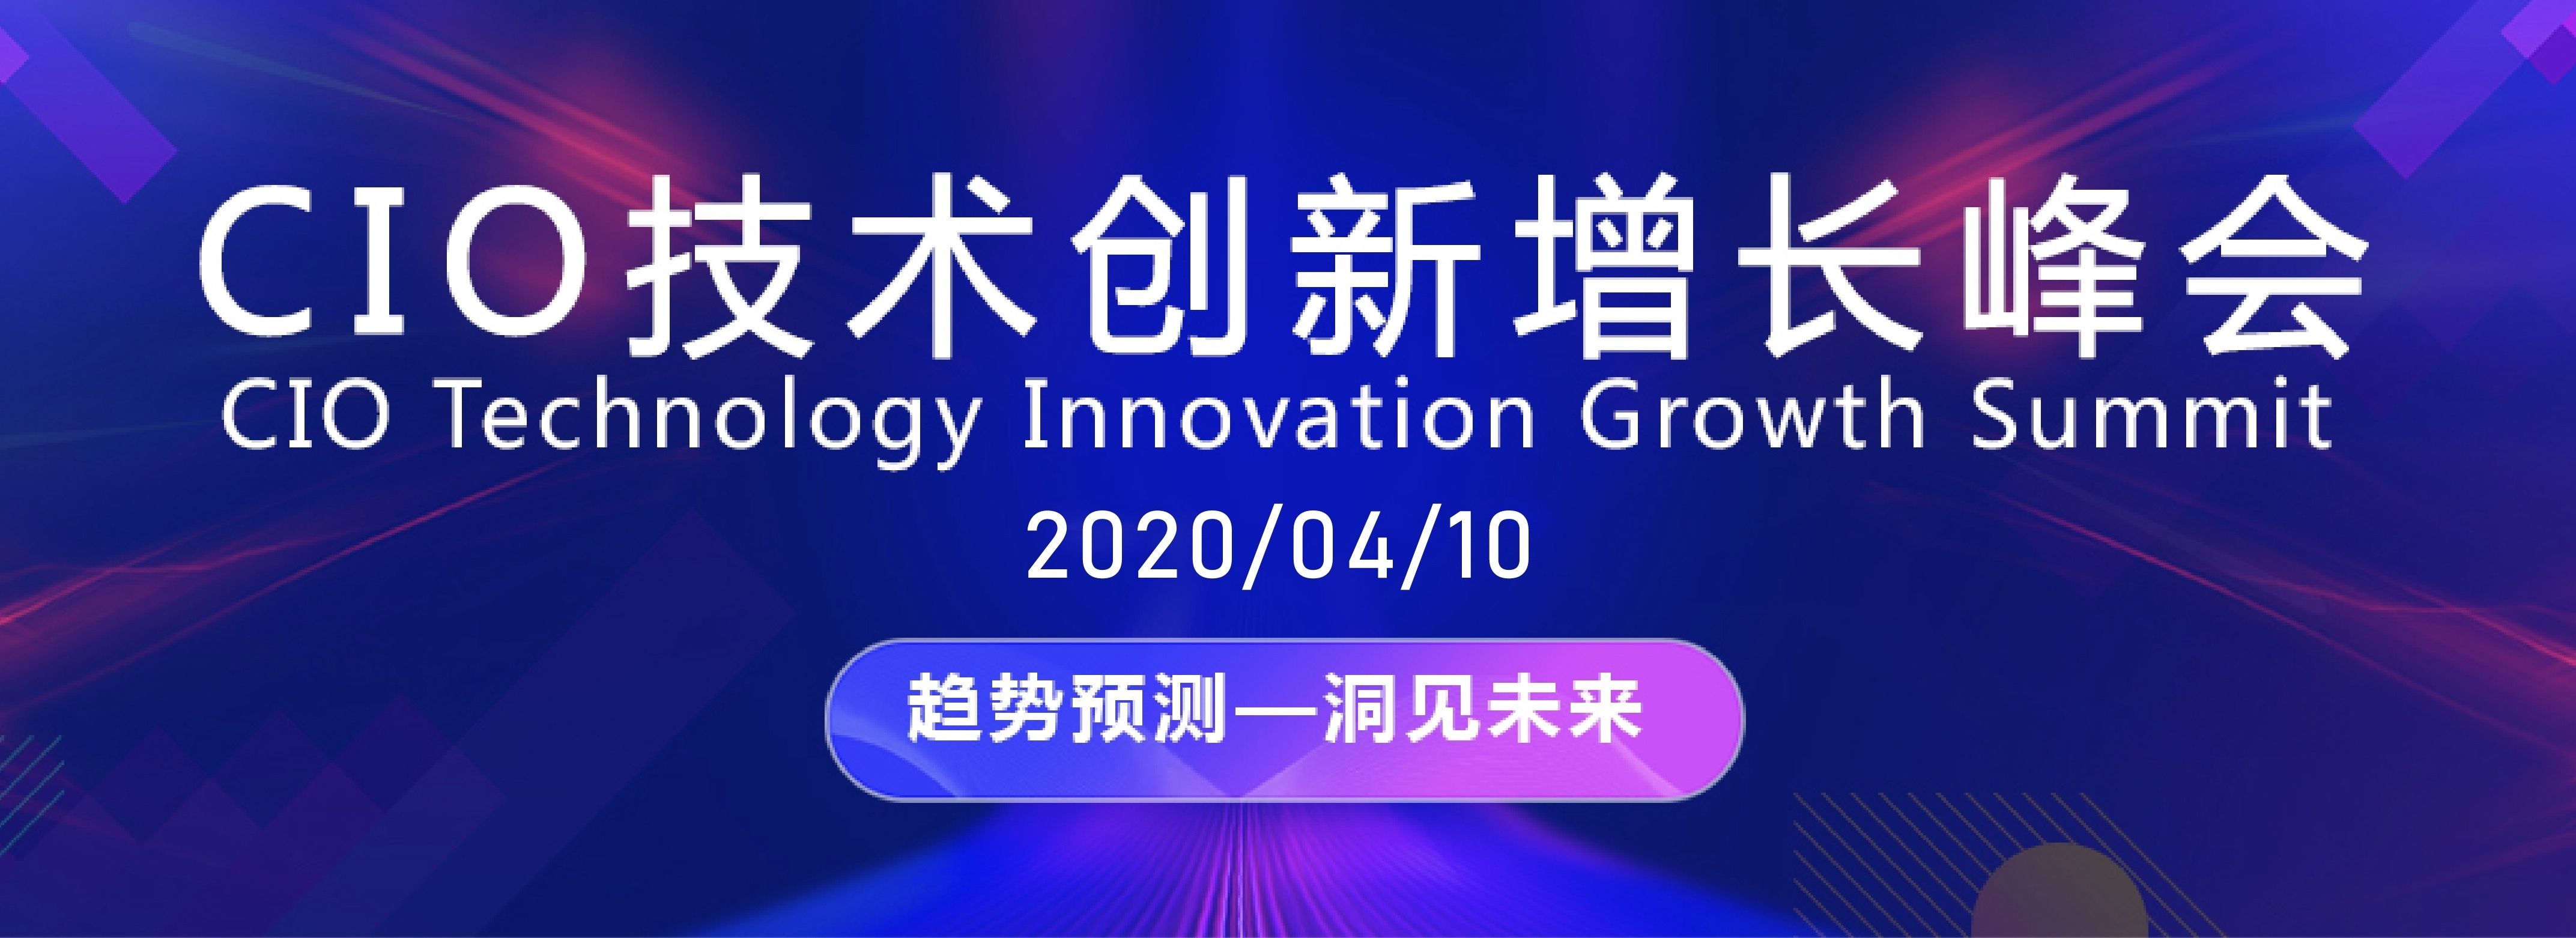 CIO技術創新增長峰會2020(上海)